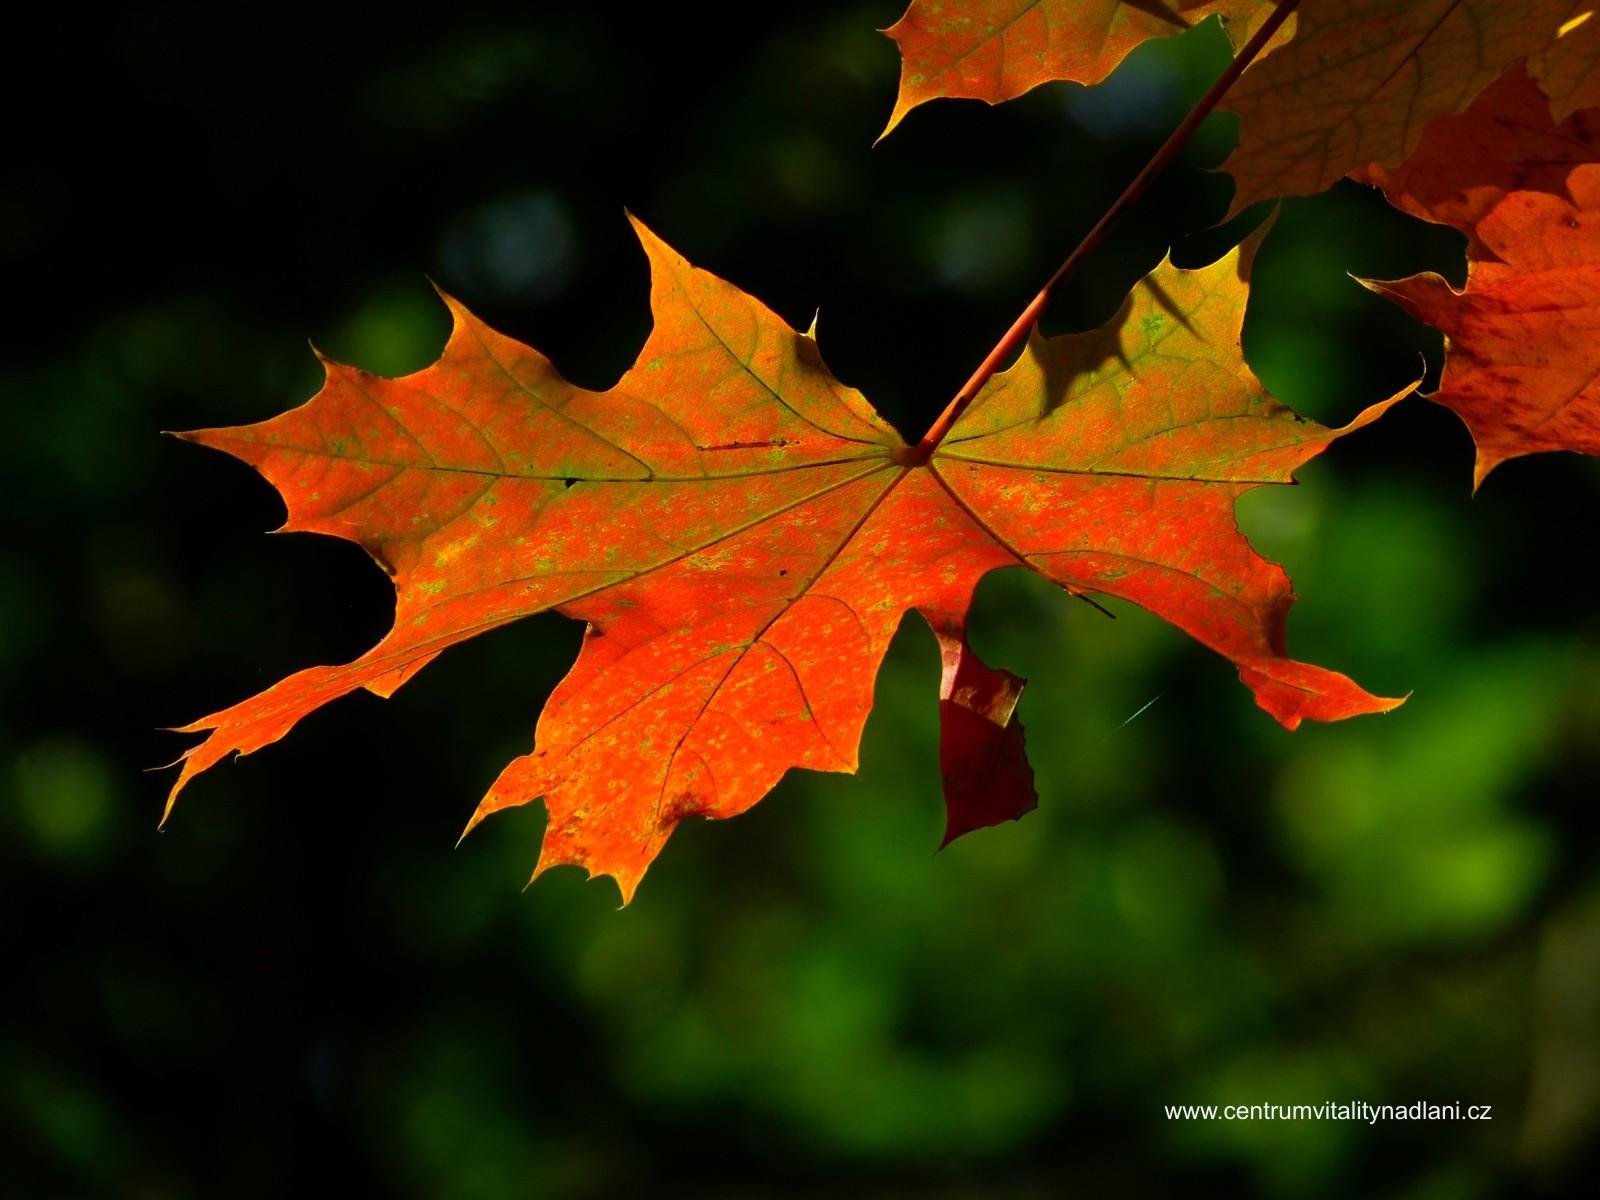 Podzim_03.jpg